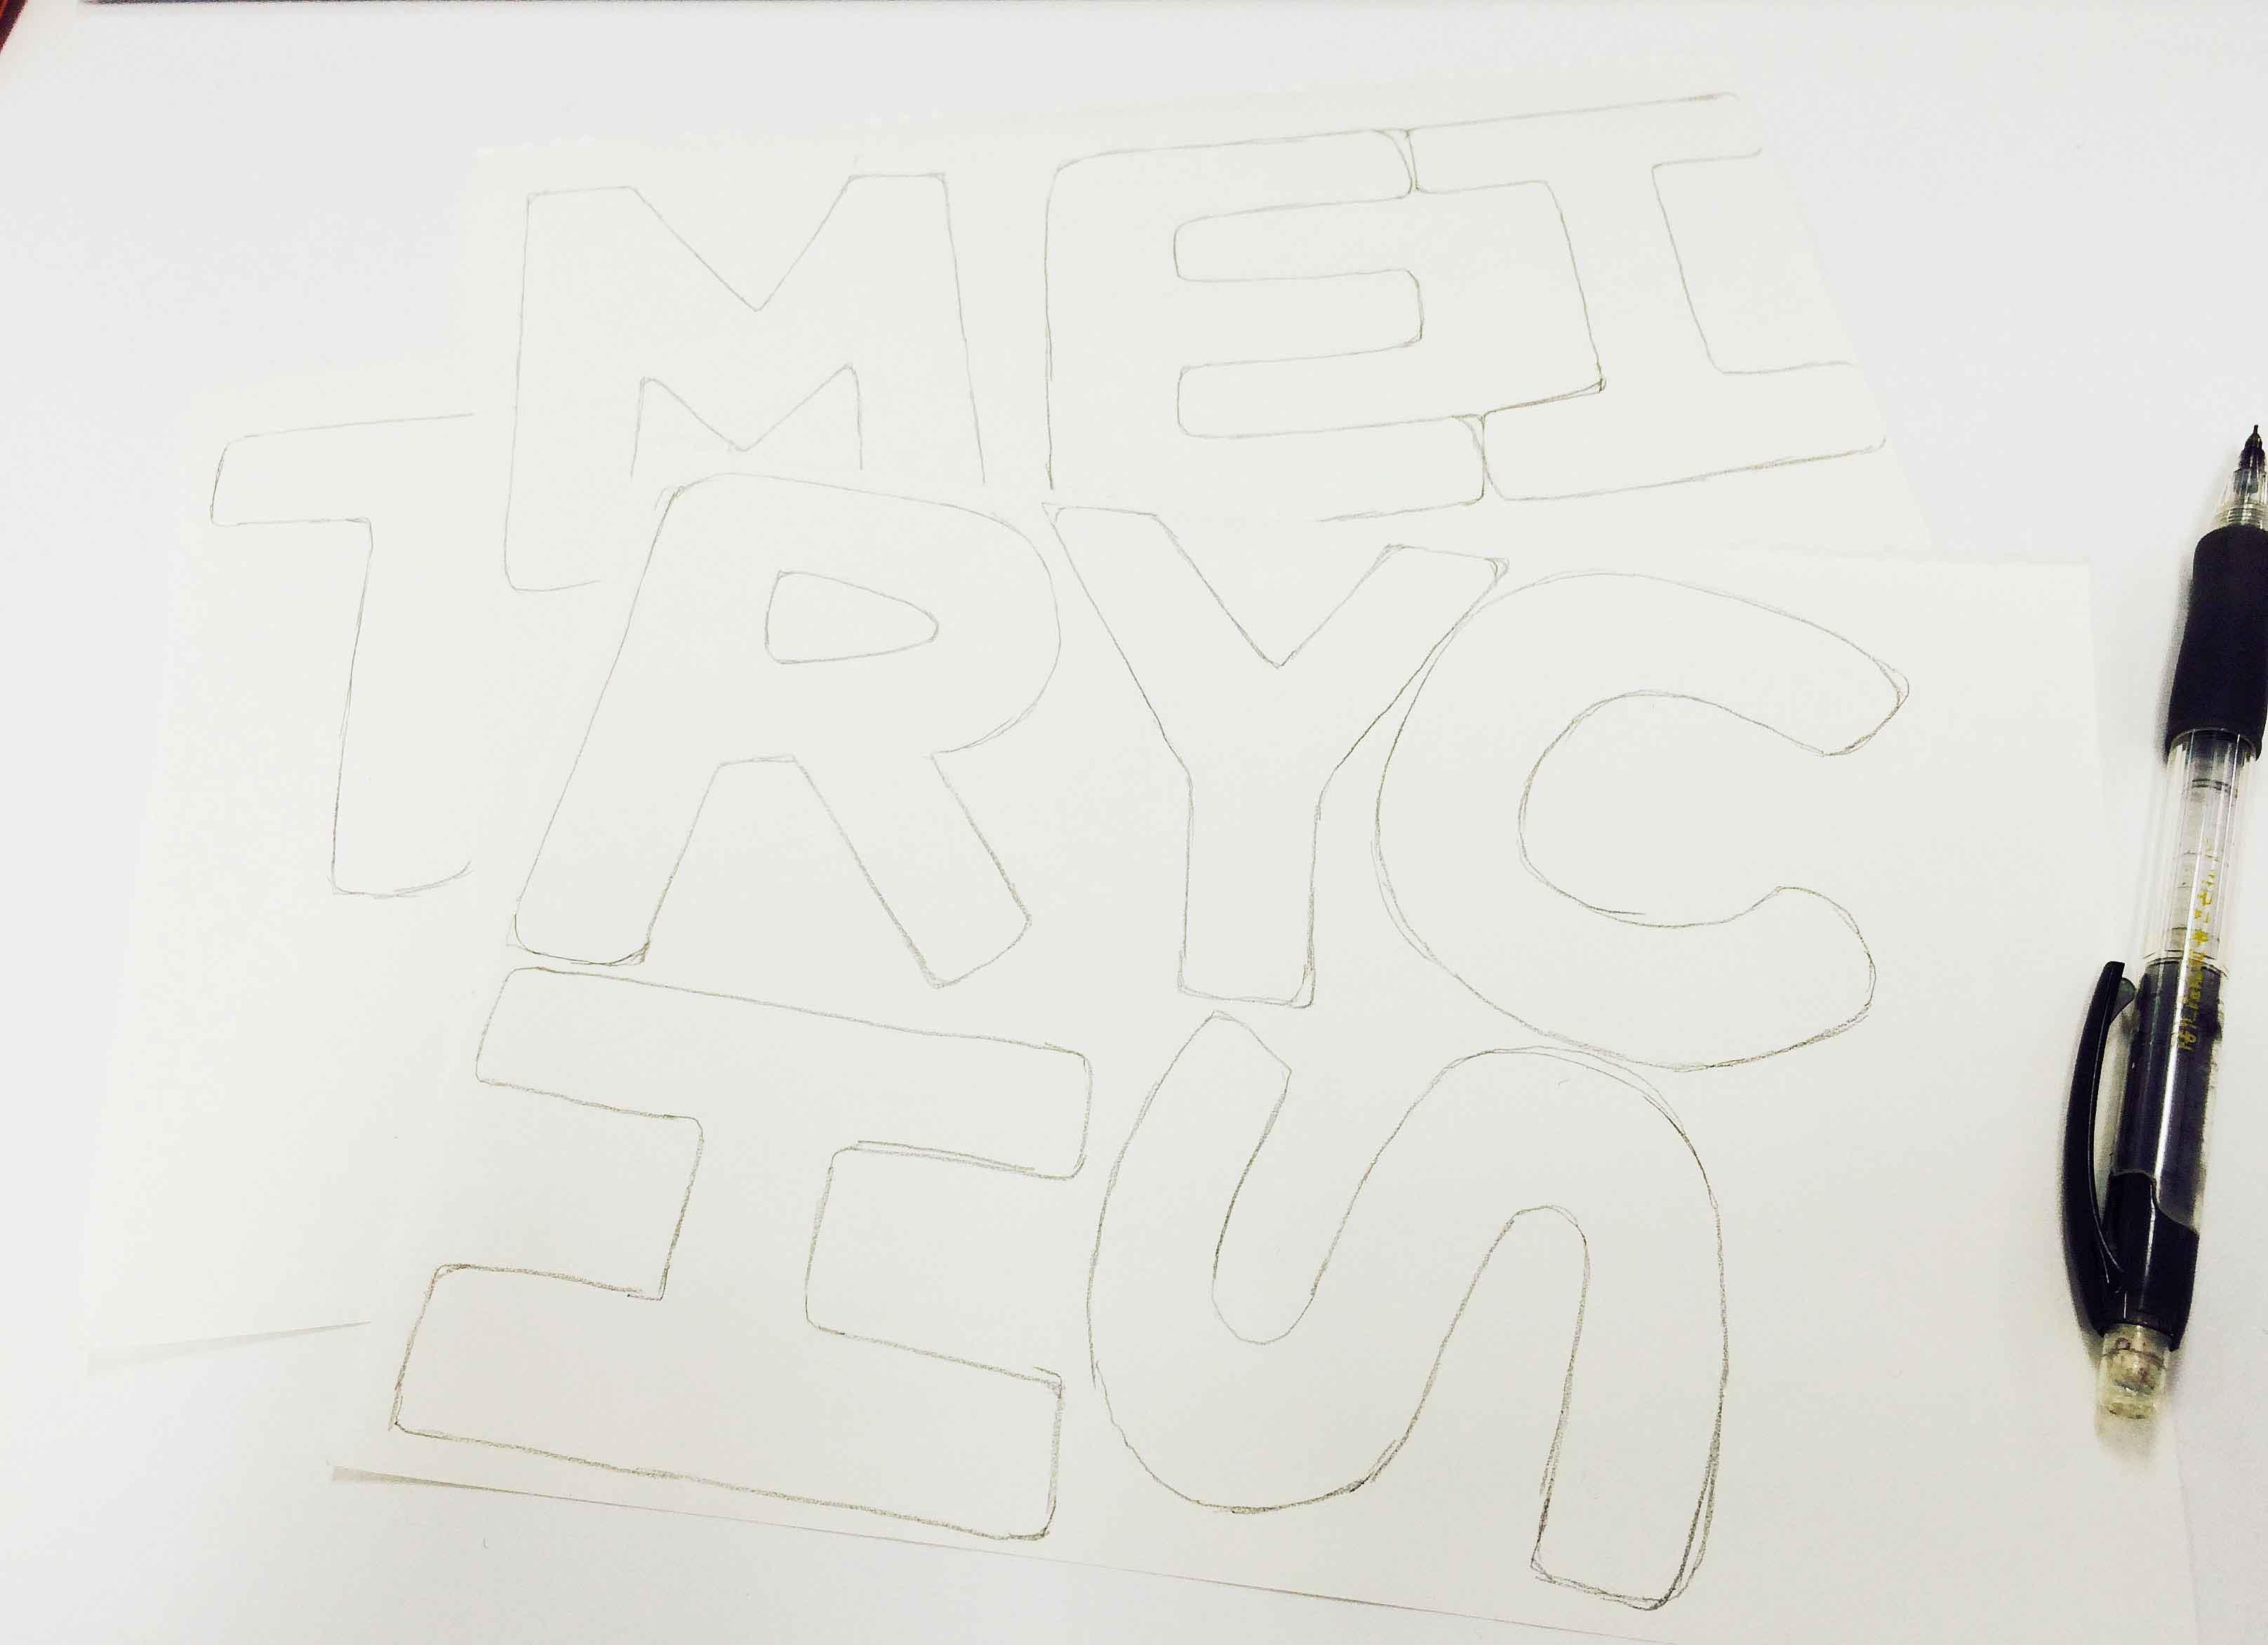 自己可以在電腦上選擇字體,然後列印出來就可以了...如果你有信心自己畫的更好,也可以一顯身手哦~